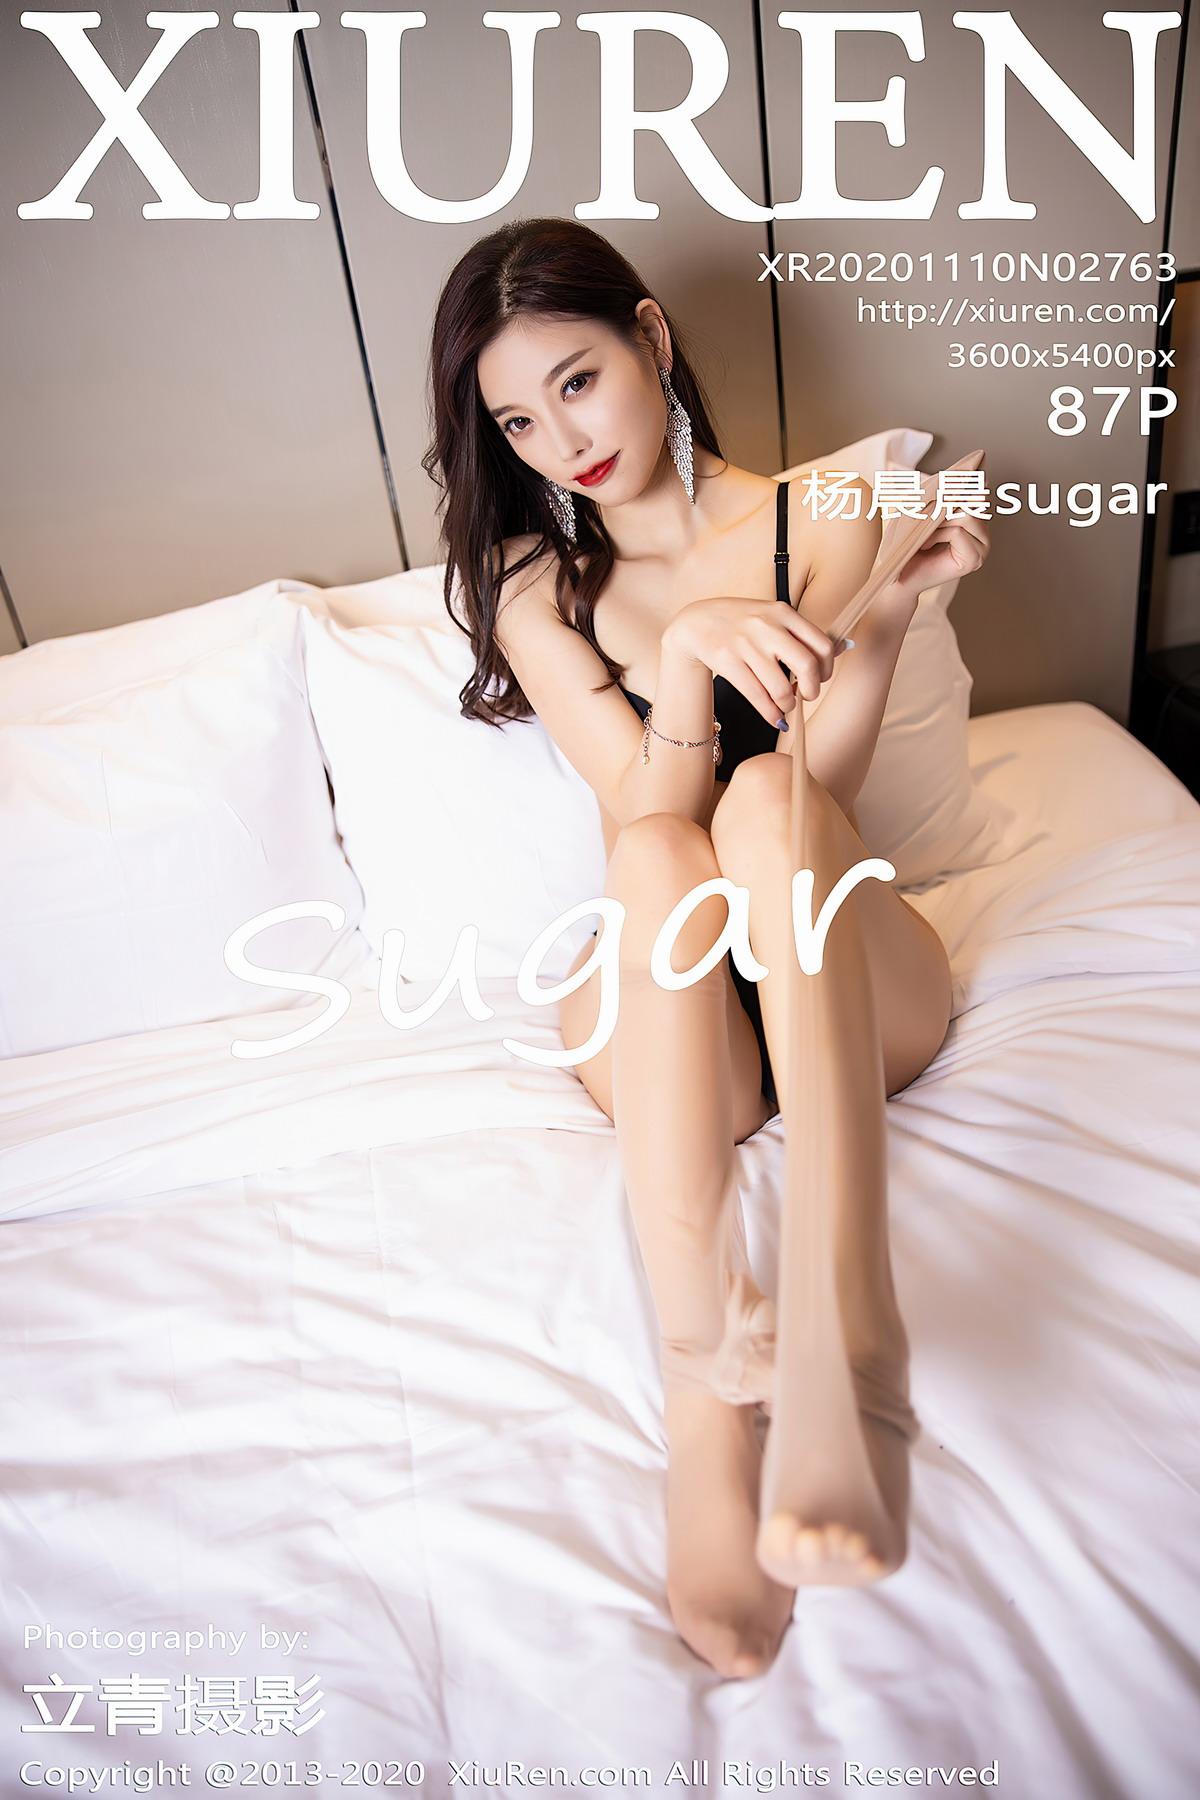 [Xiuren秀人网]2020.11.10 NO.2763 杨晨晨sugar[/804MB]